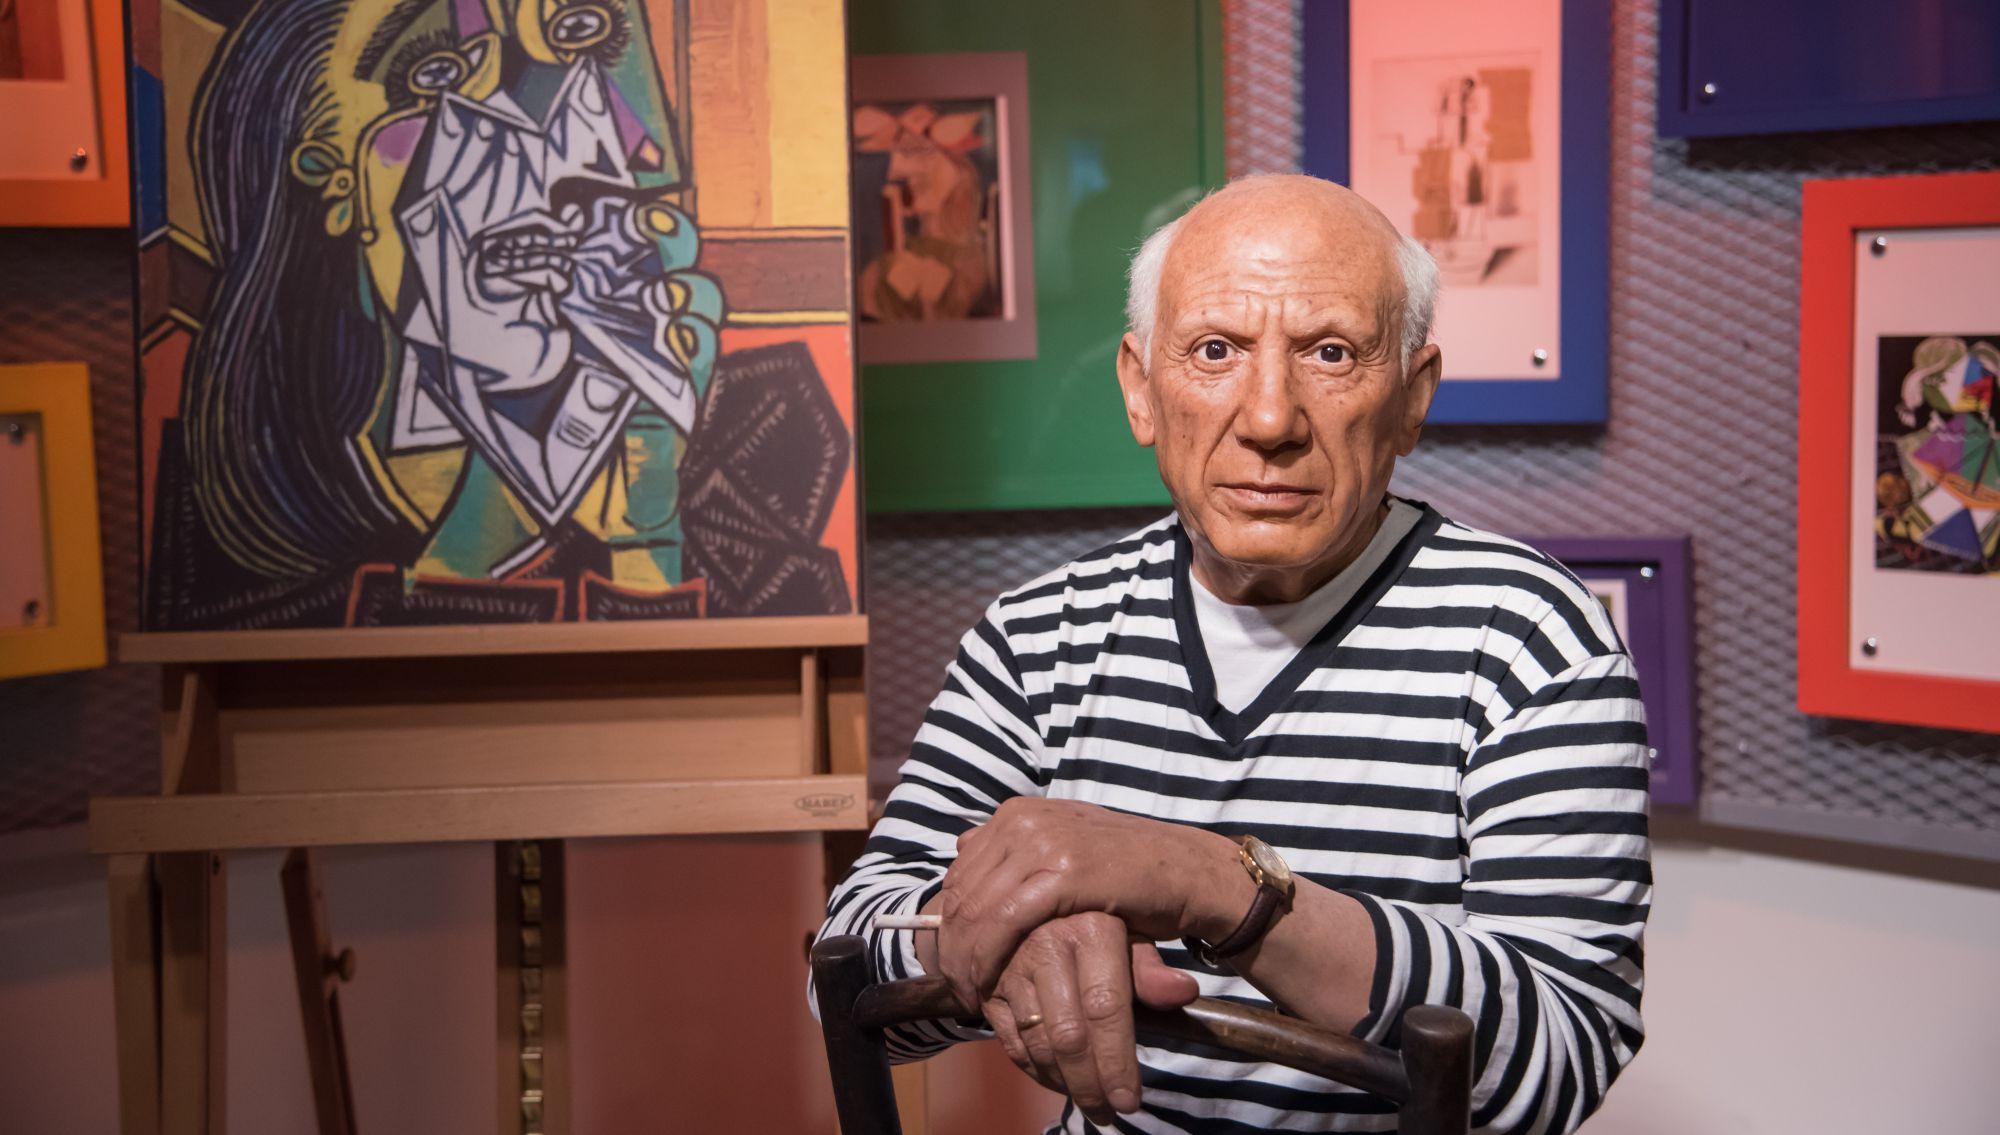 We Francji powstanie imponujące muzeum Picassa